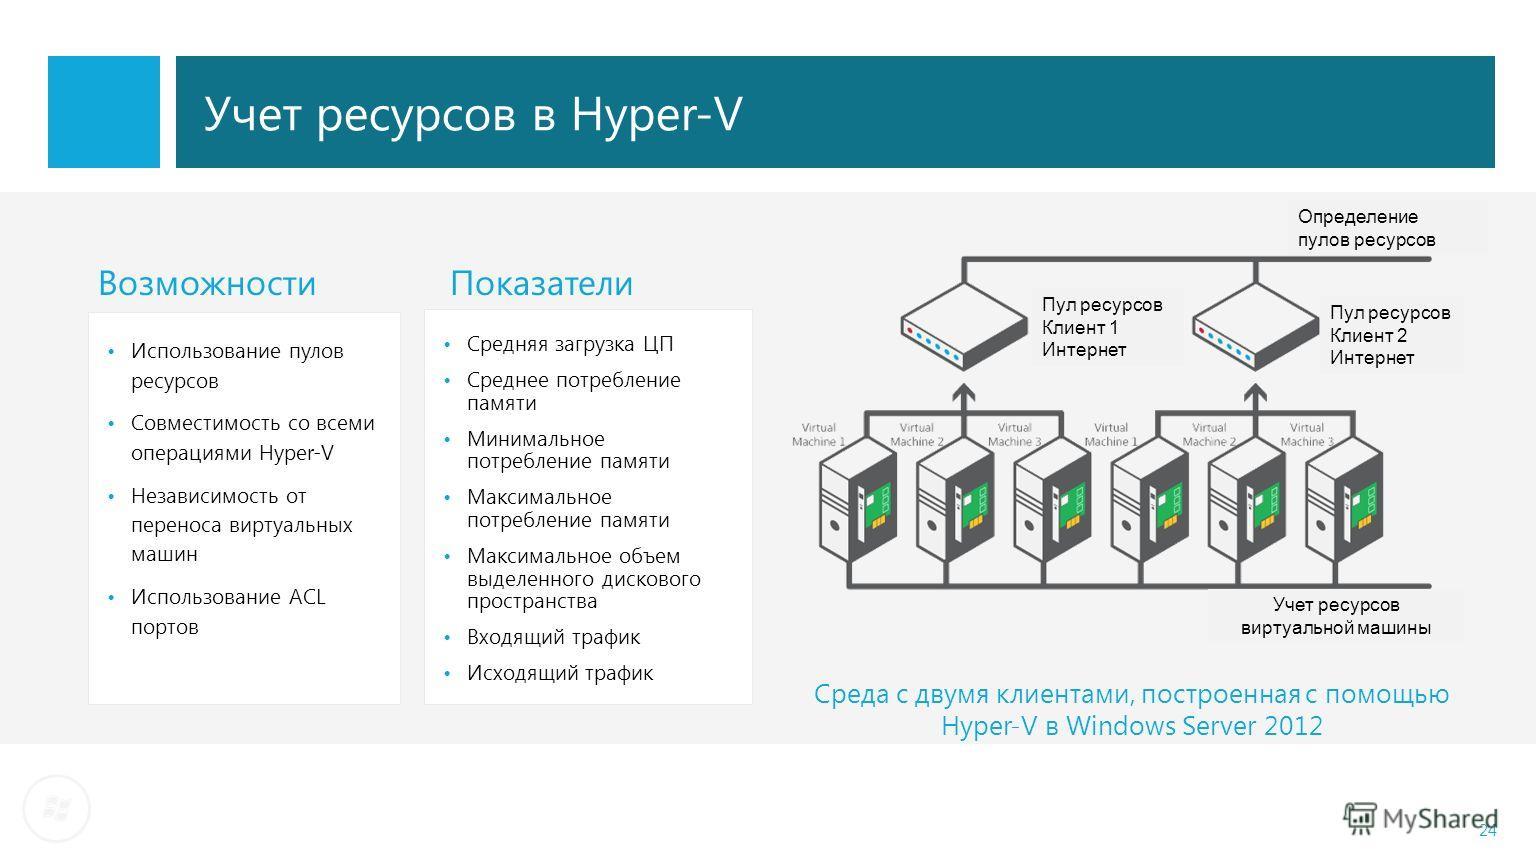 24 Учет ресурсов в Hyper-V Среда с двумя клиентами, построенная с помощью Hyper-V в Windows Server 2012 Использование пулов ресурсов Совместимость со всеми операциями Hyper-V Независимость от переноса виртуальных машин Использование ACL портов Возмож